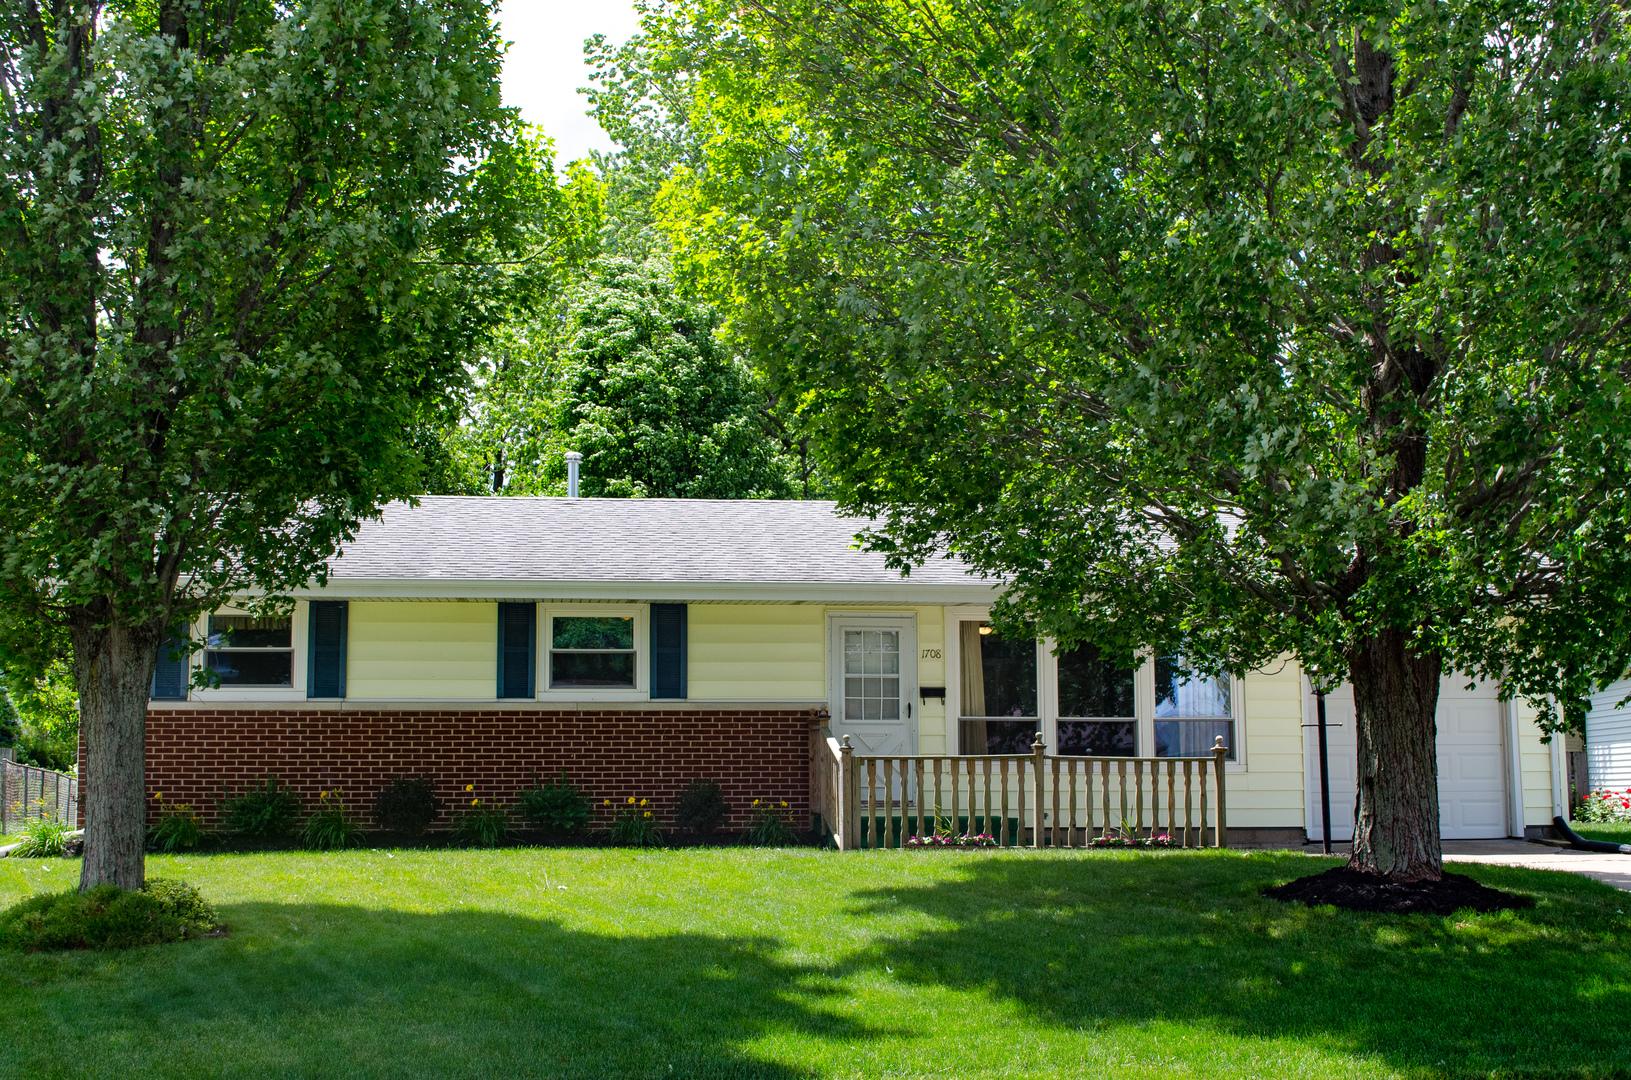 1708 Gleason ,Rantoul, Illinois 61866